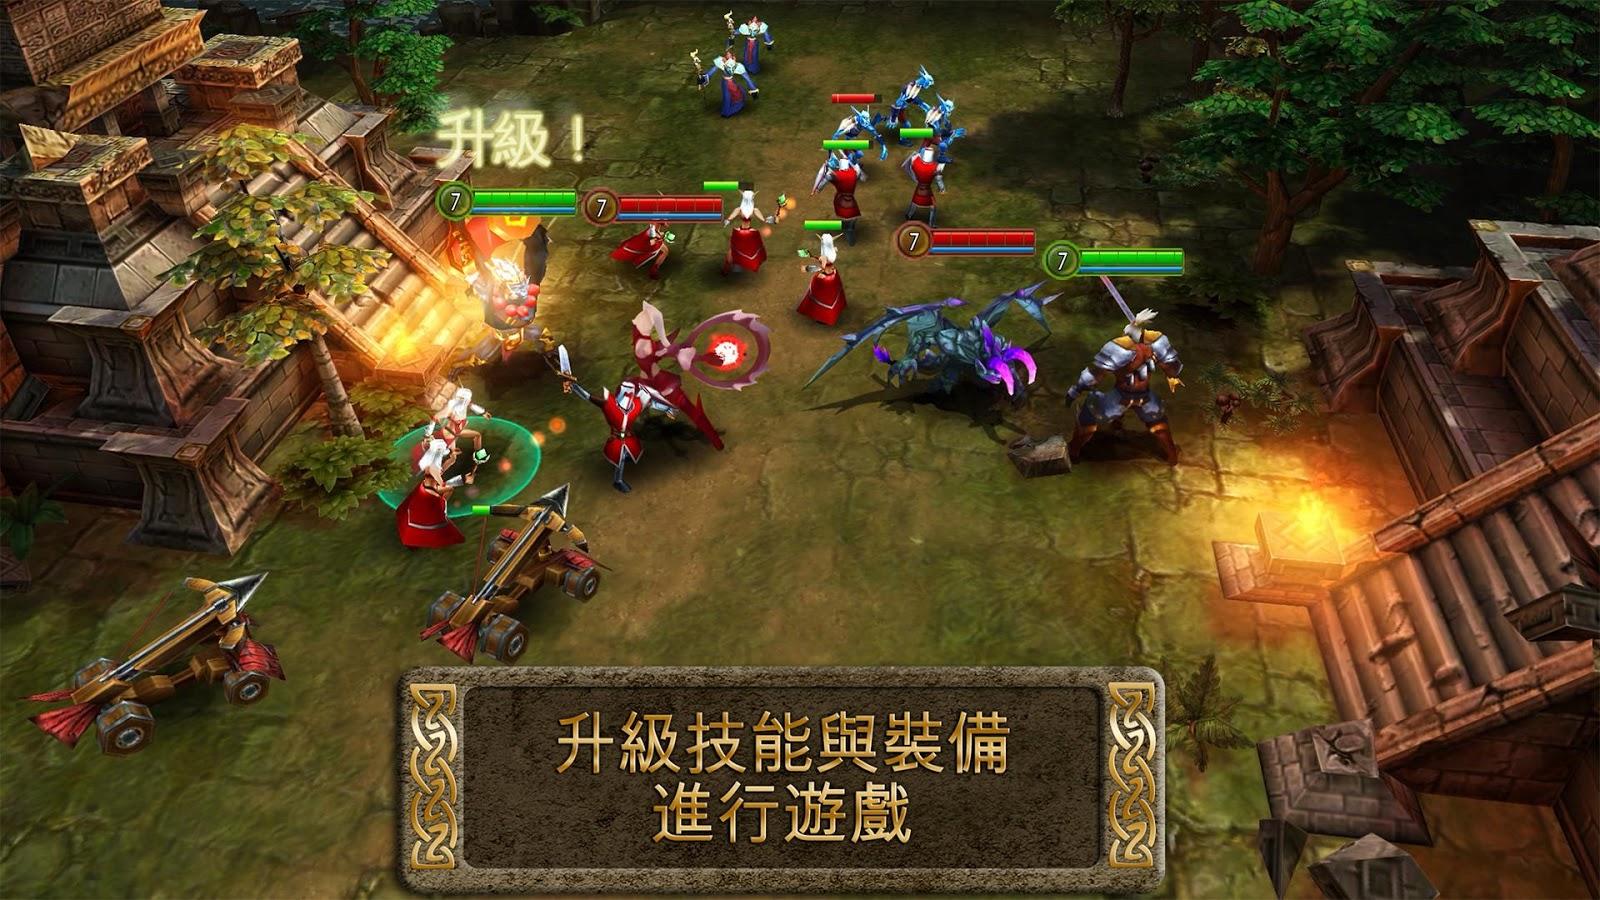 混沌與秩序:英雄 - screenshot